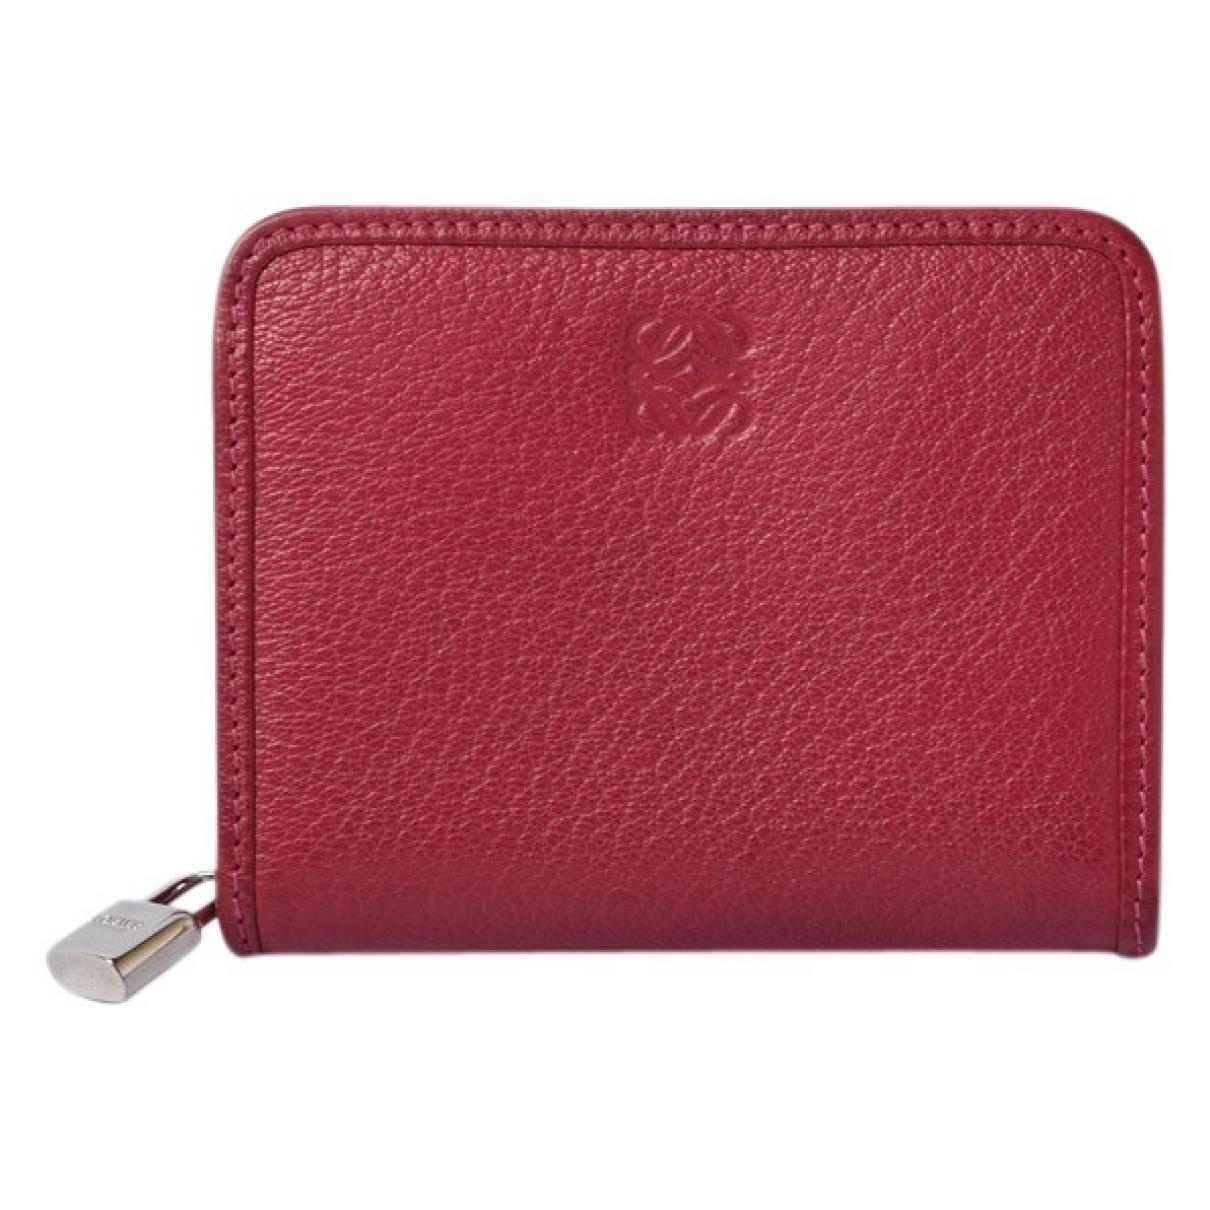 Loewe \N Portemonnaie in  Rosa Leder